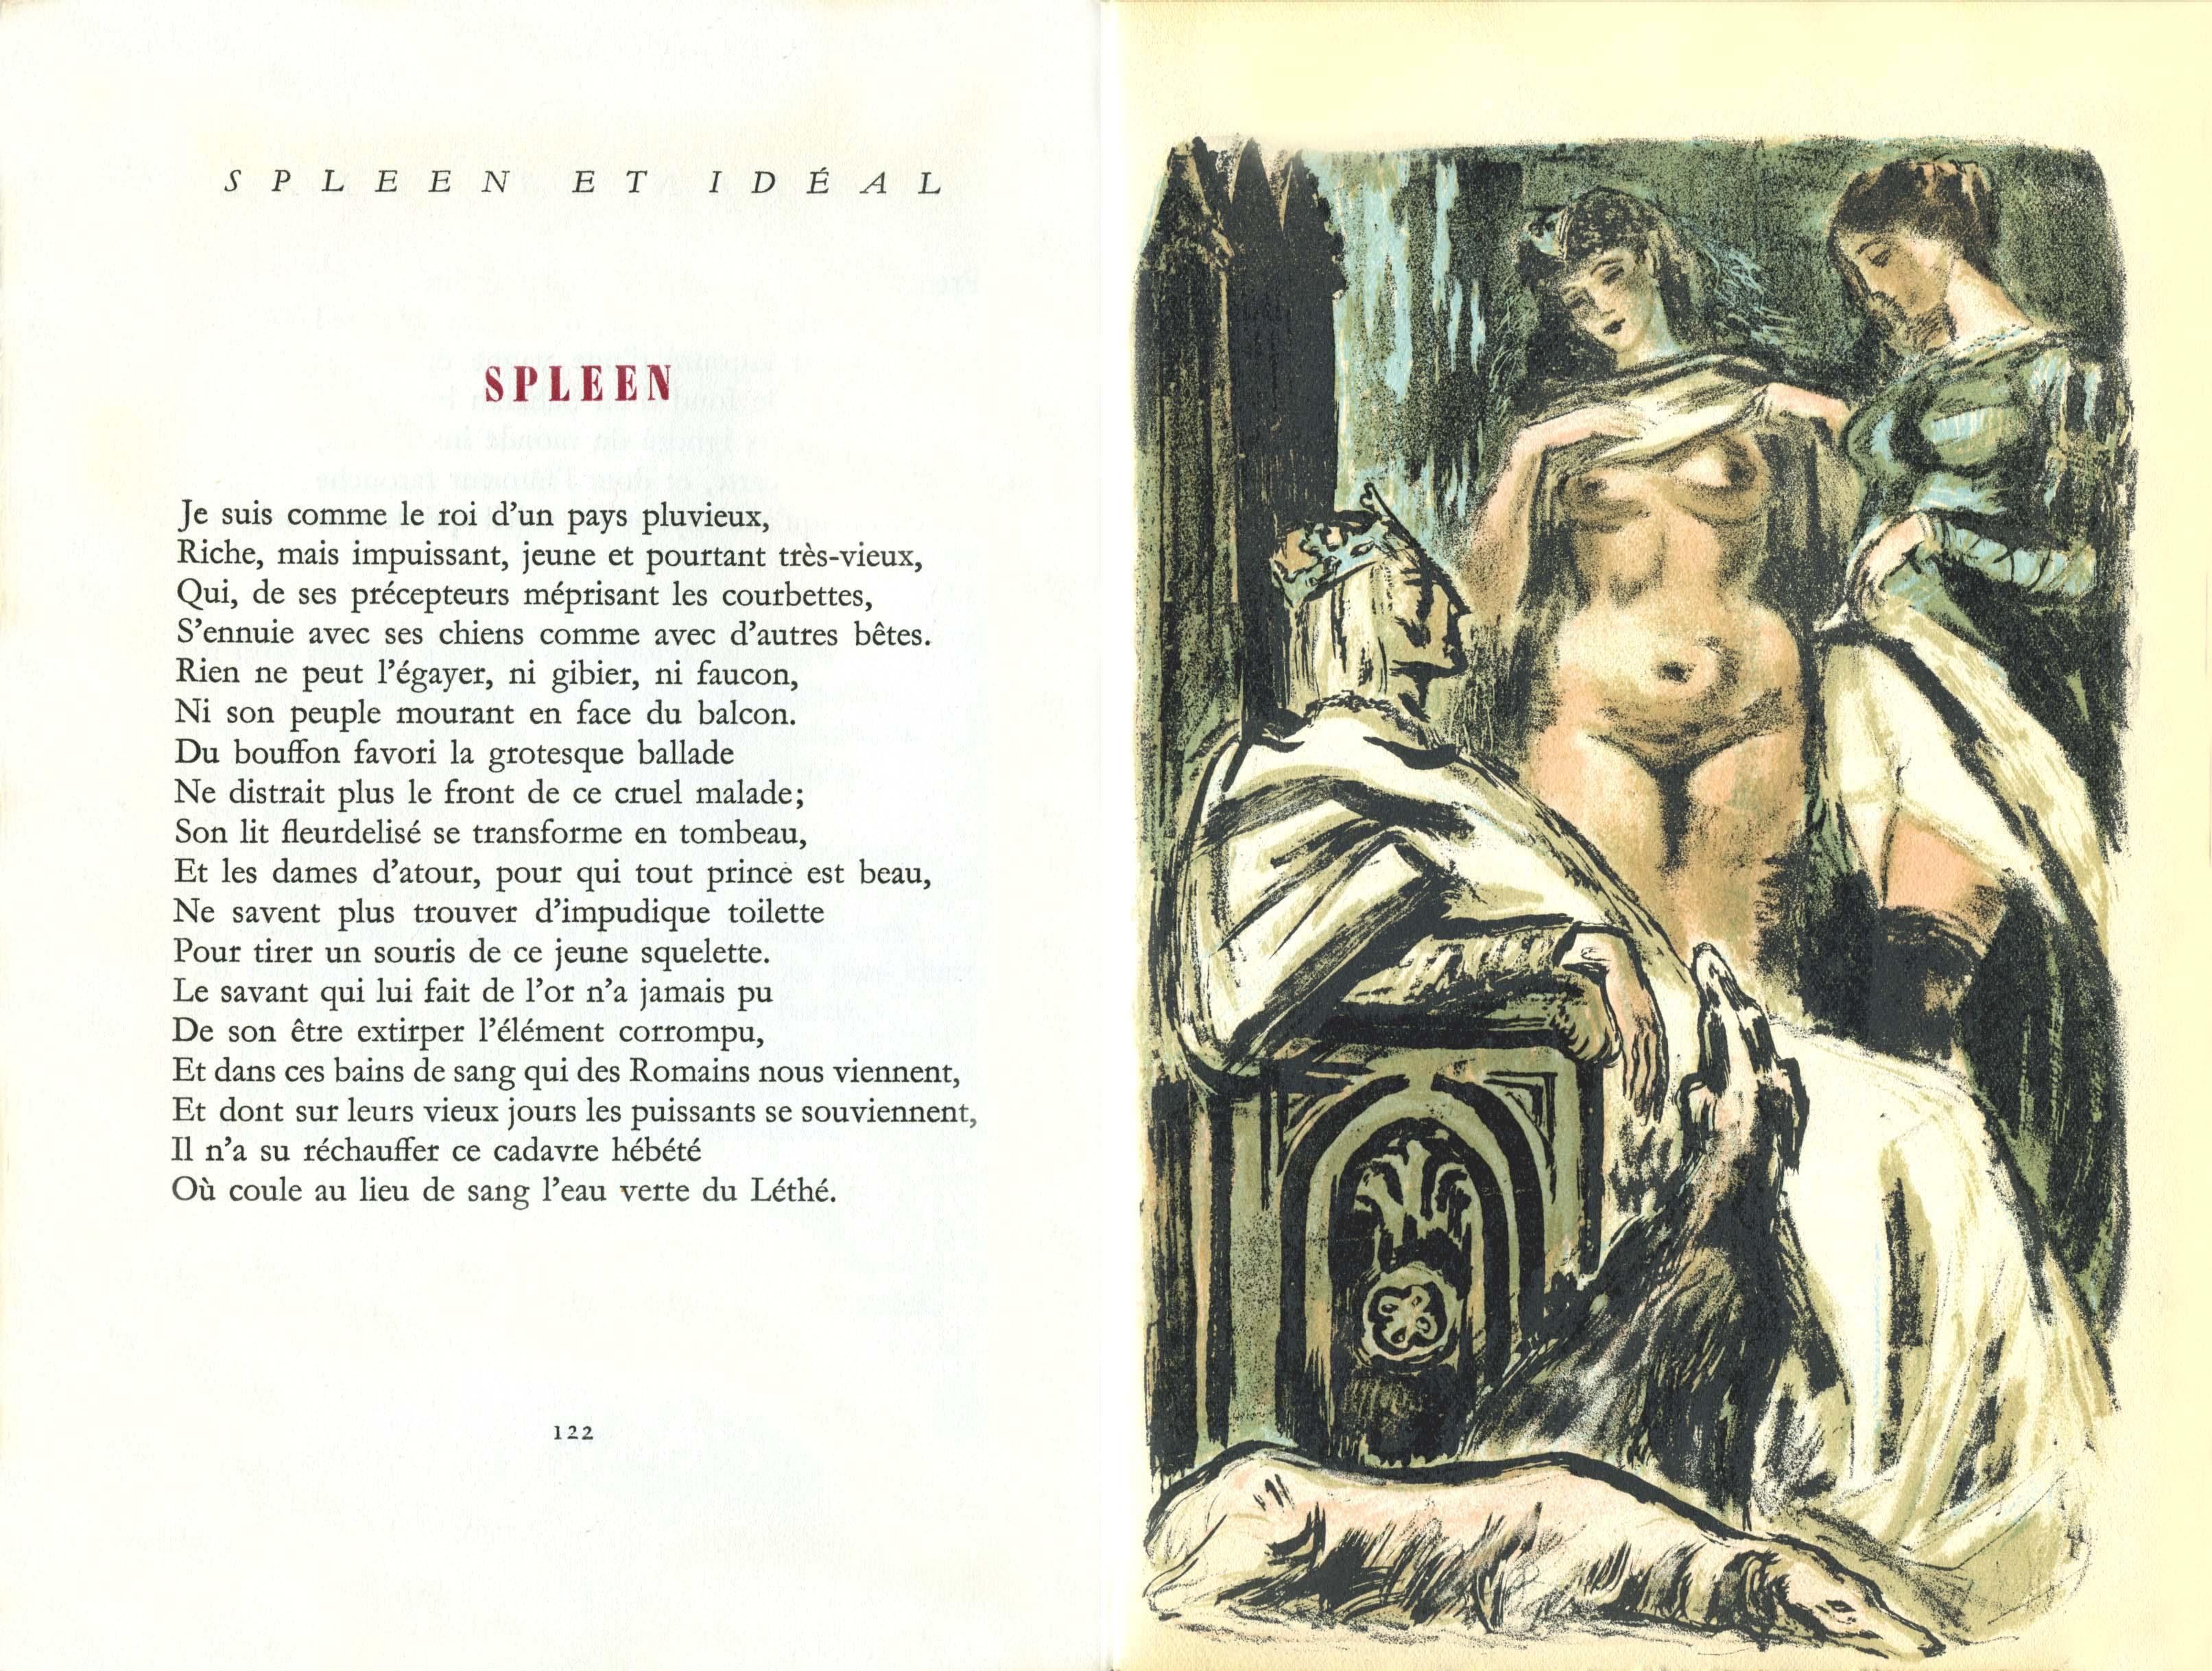 Obrazki erotyczne Berthommé de Saint André, Znudzony król